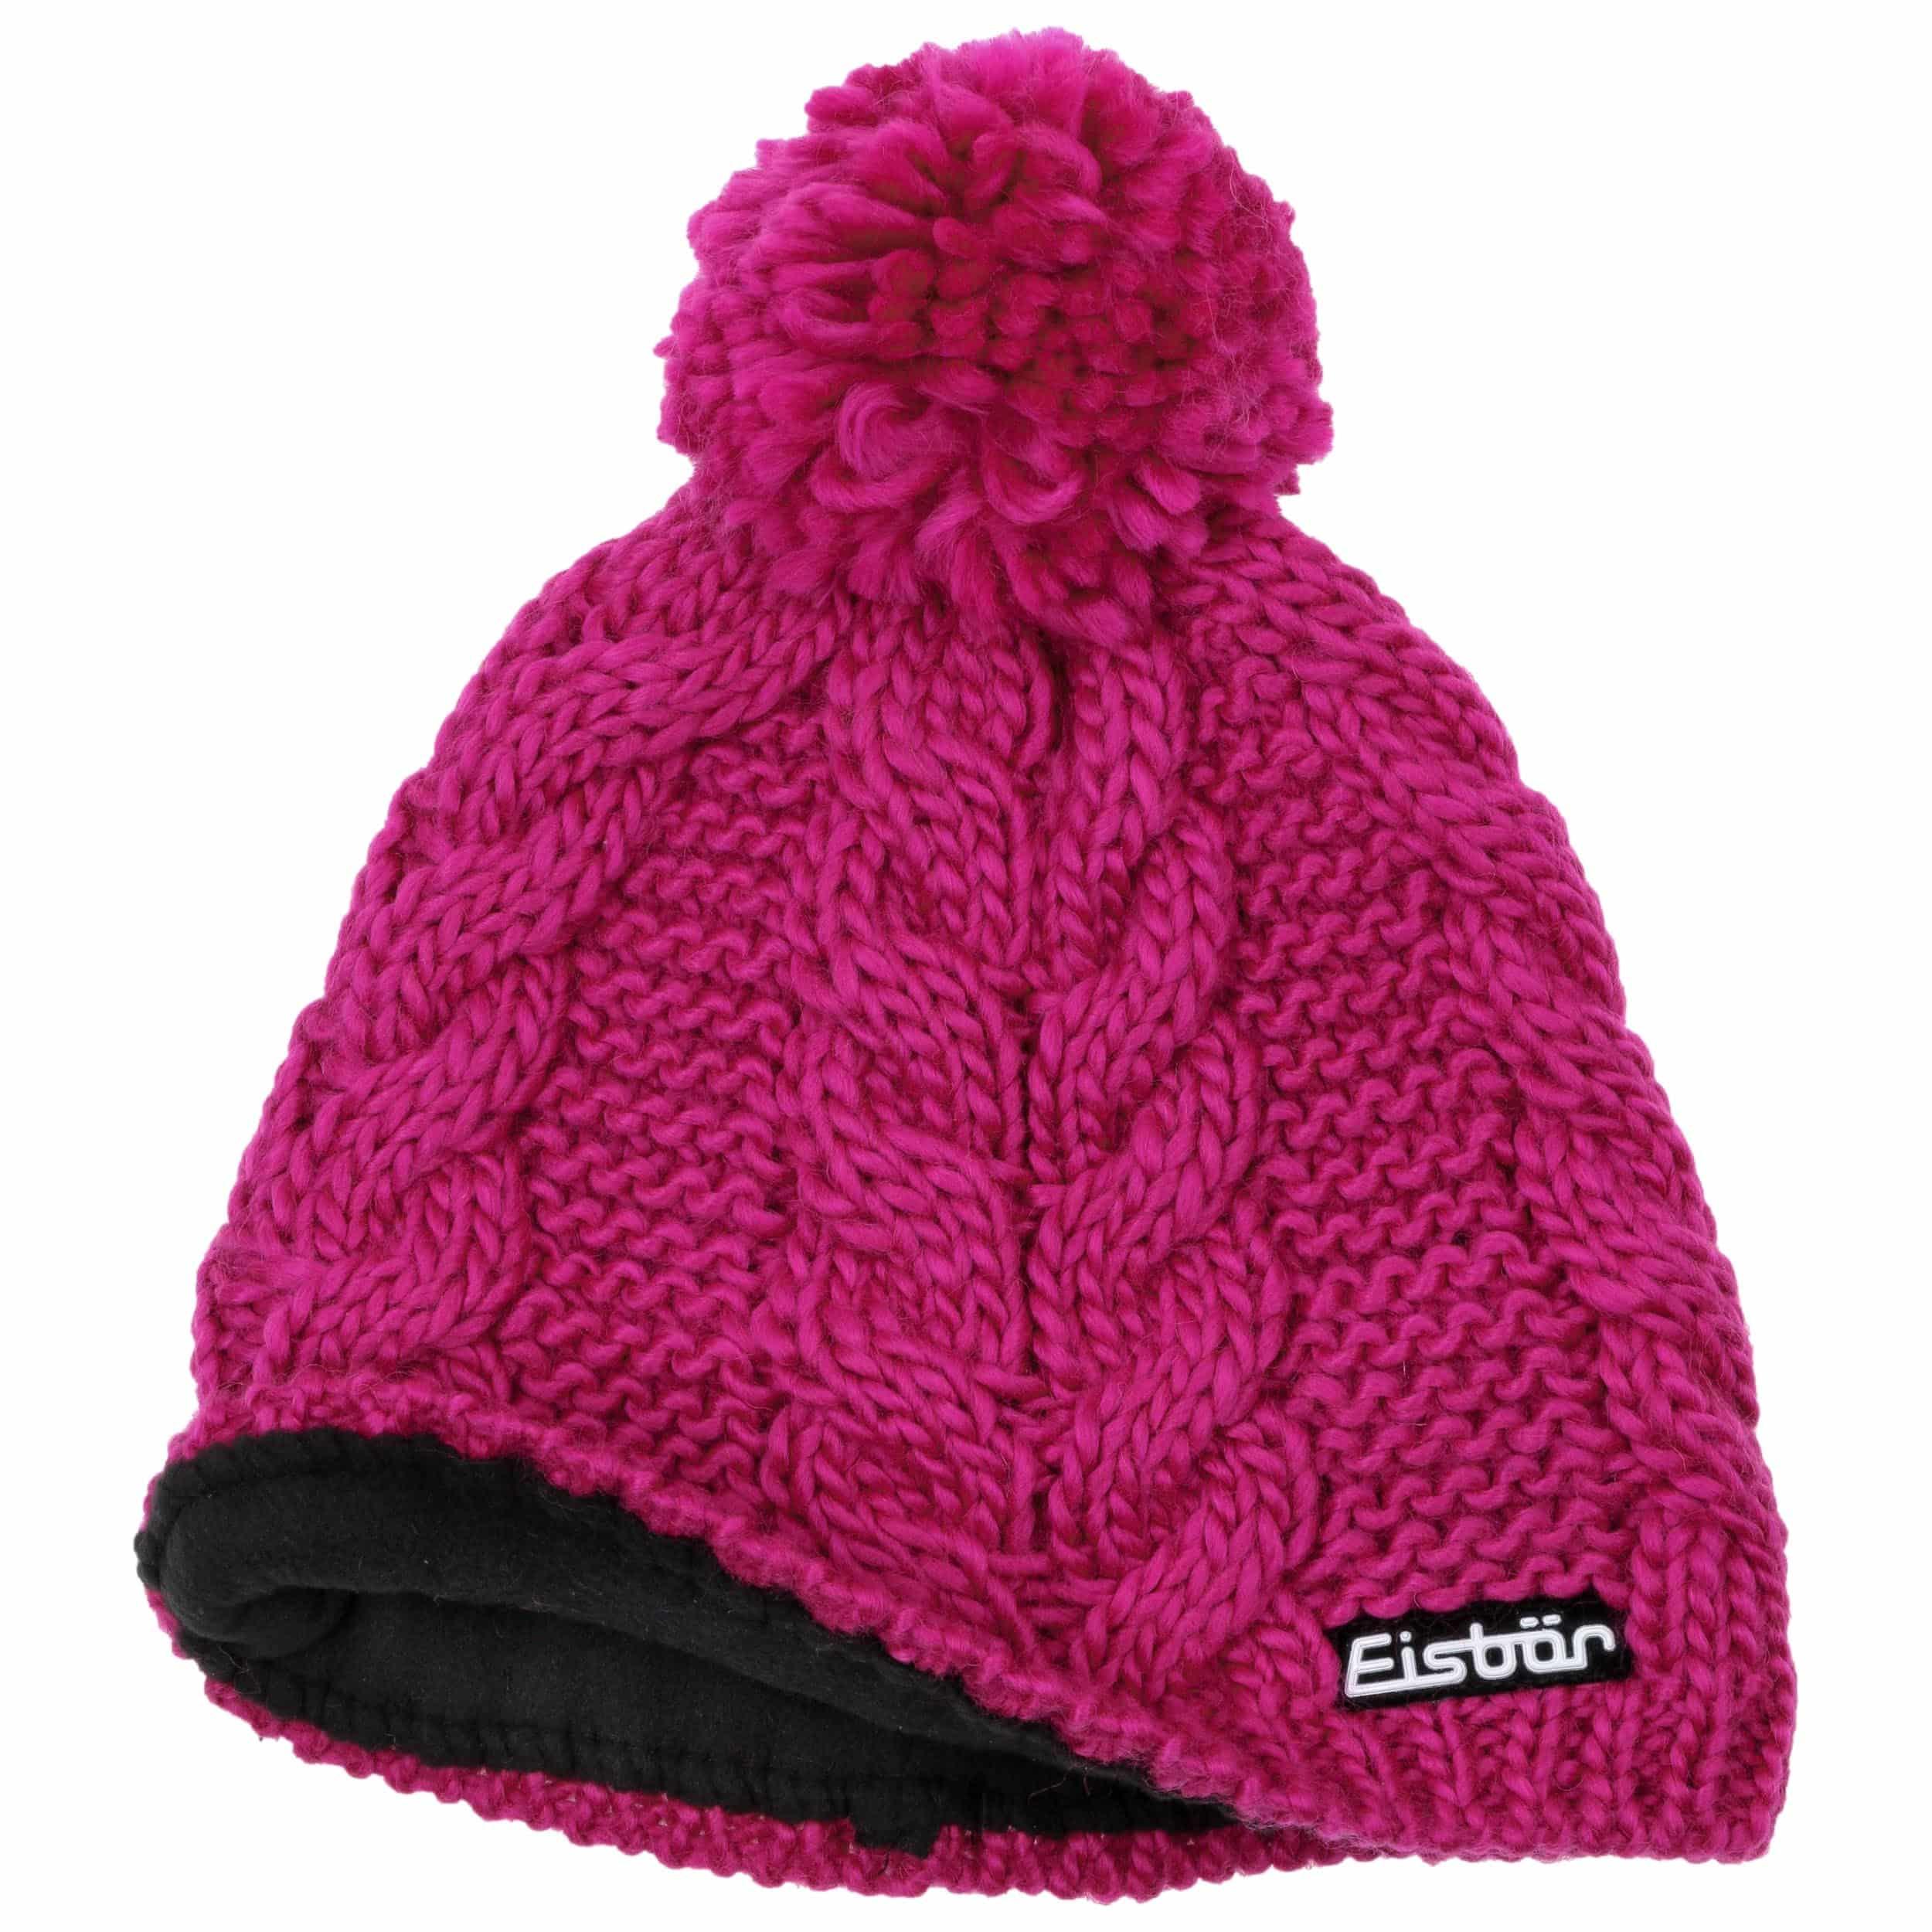 grande collection grande vente de liquidation grande variété de styles Antonia Pom Pom Hat by Eisbär